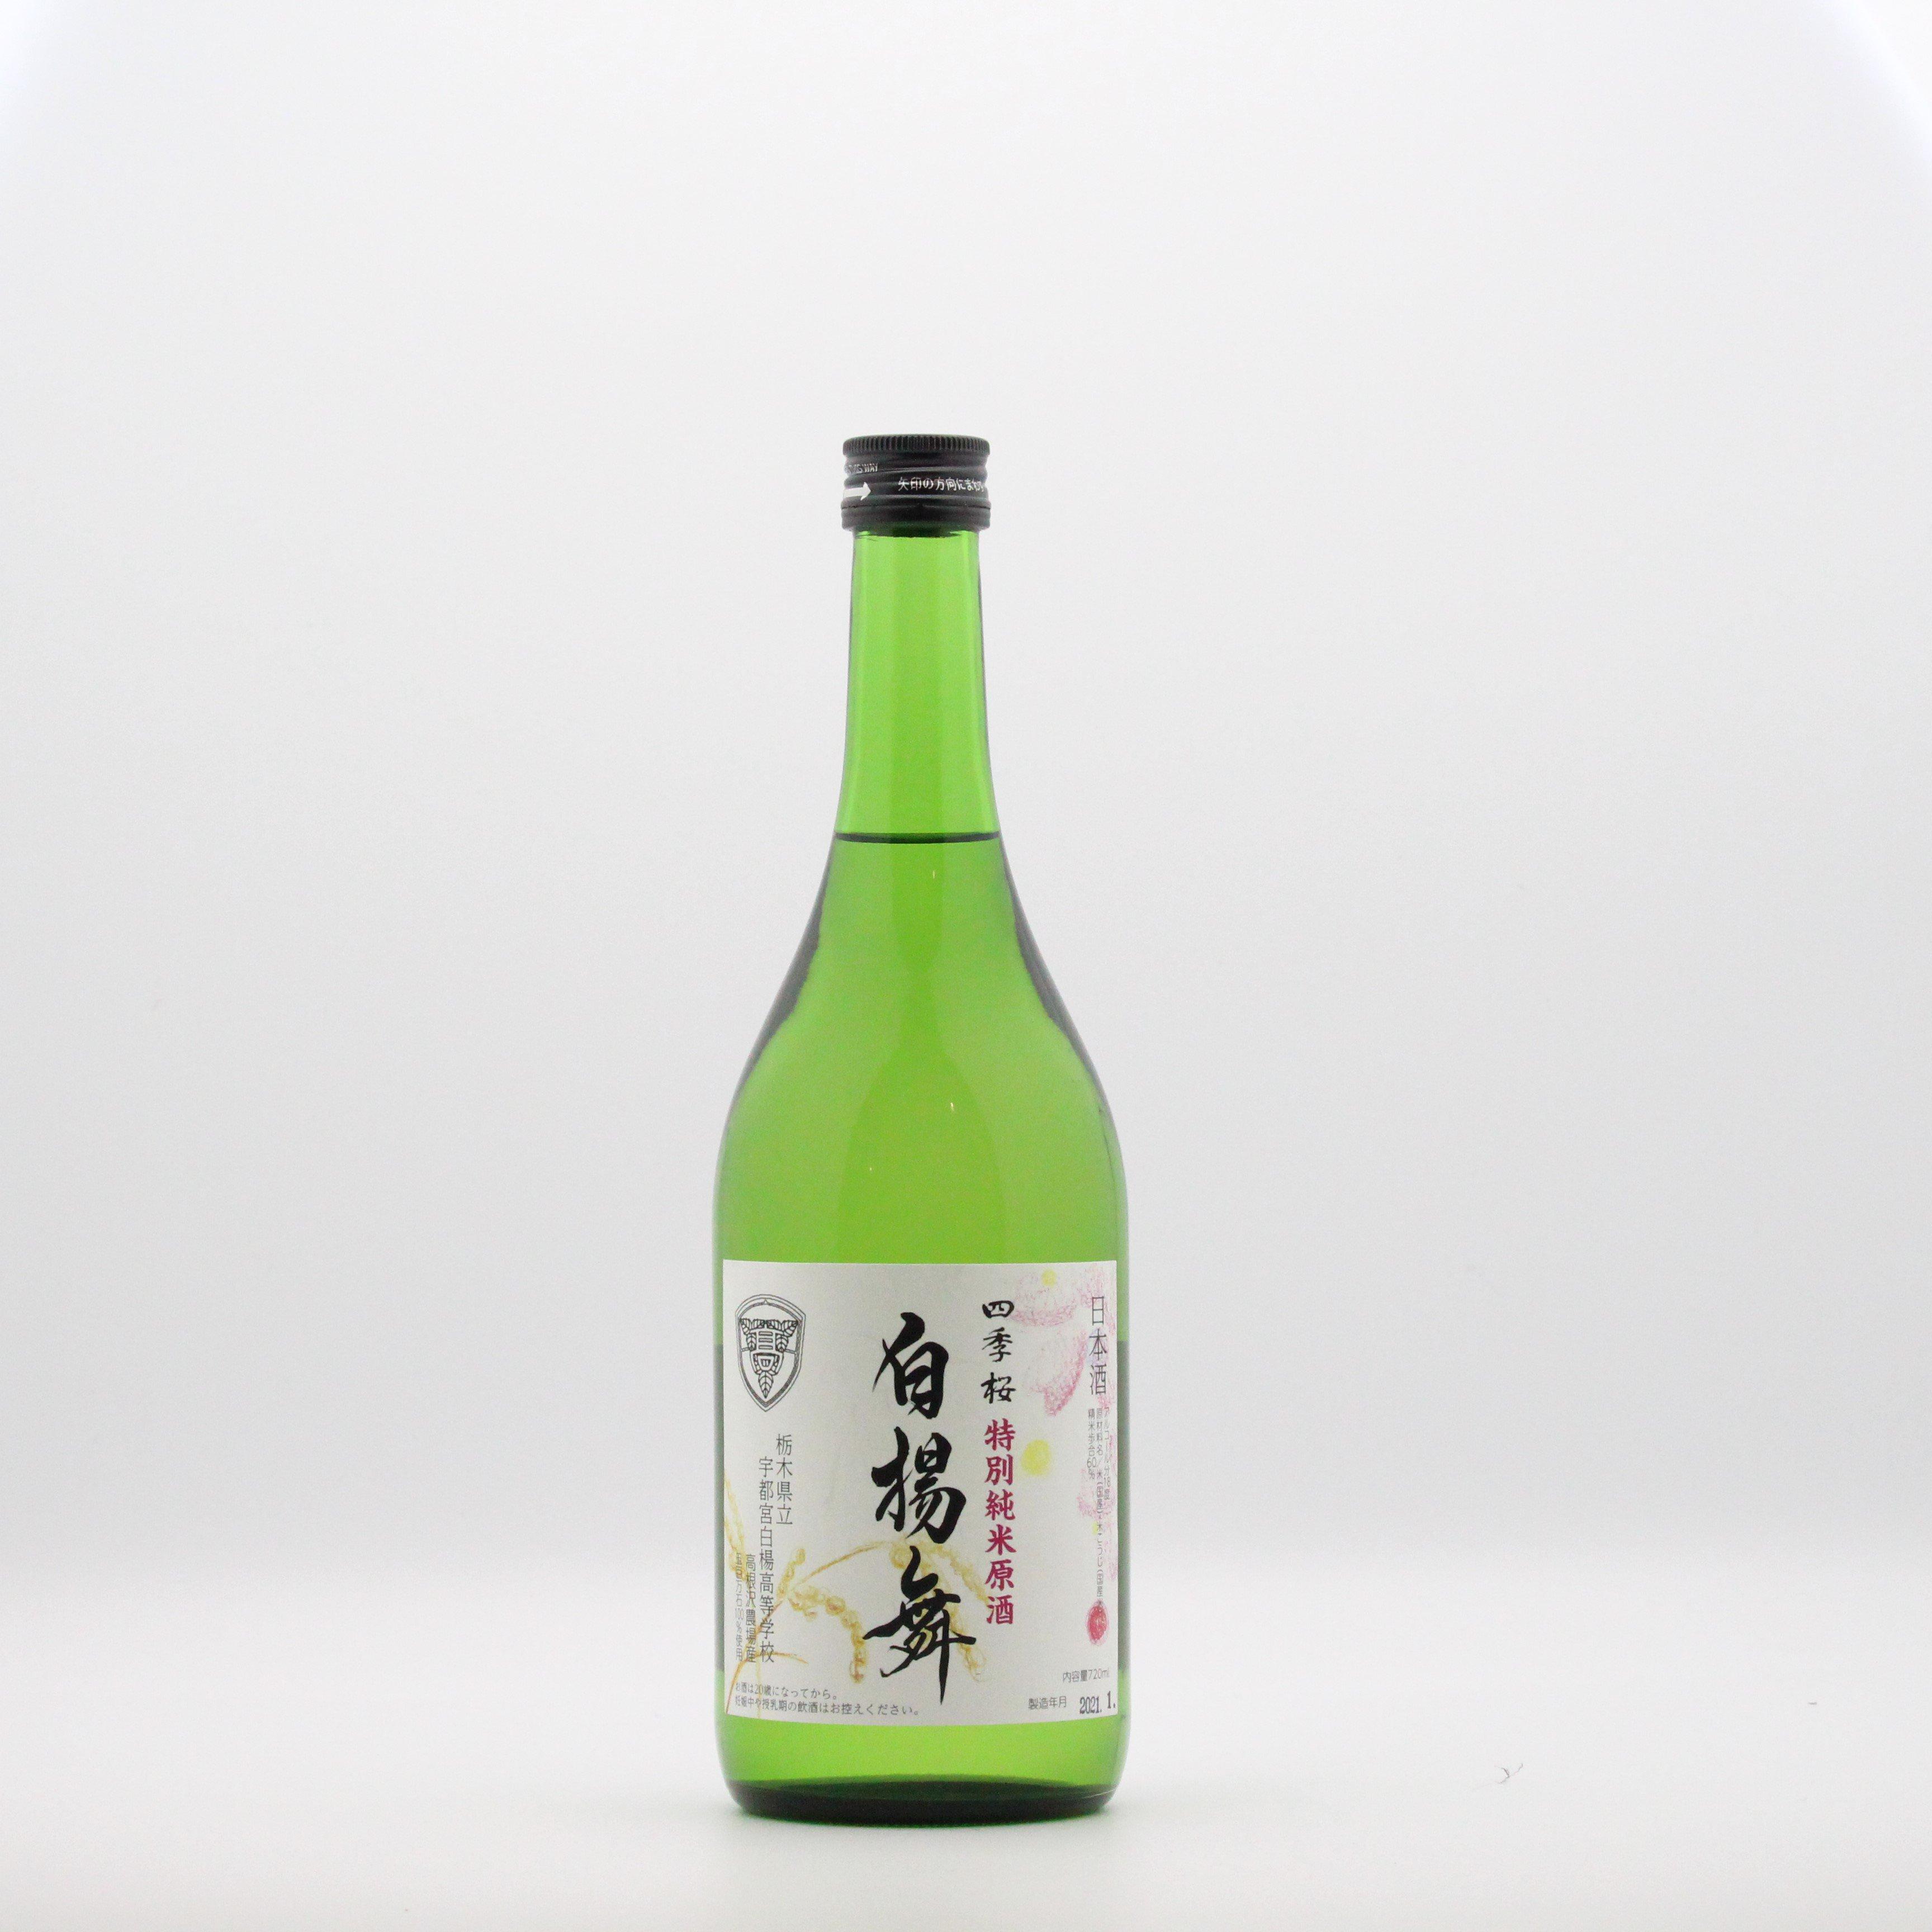 宇都宮酒造/白楊舞(特別純米原酒) 720ml